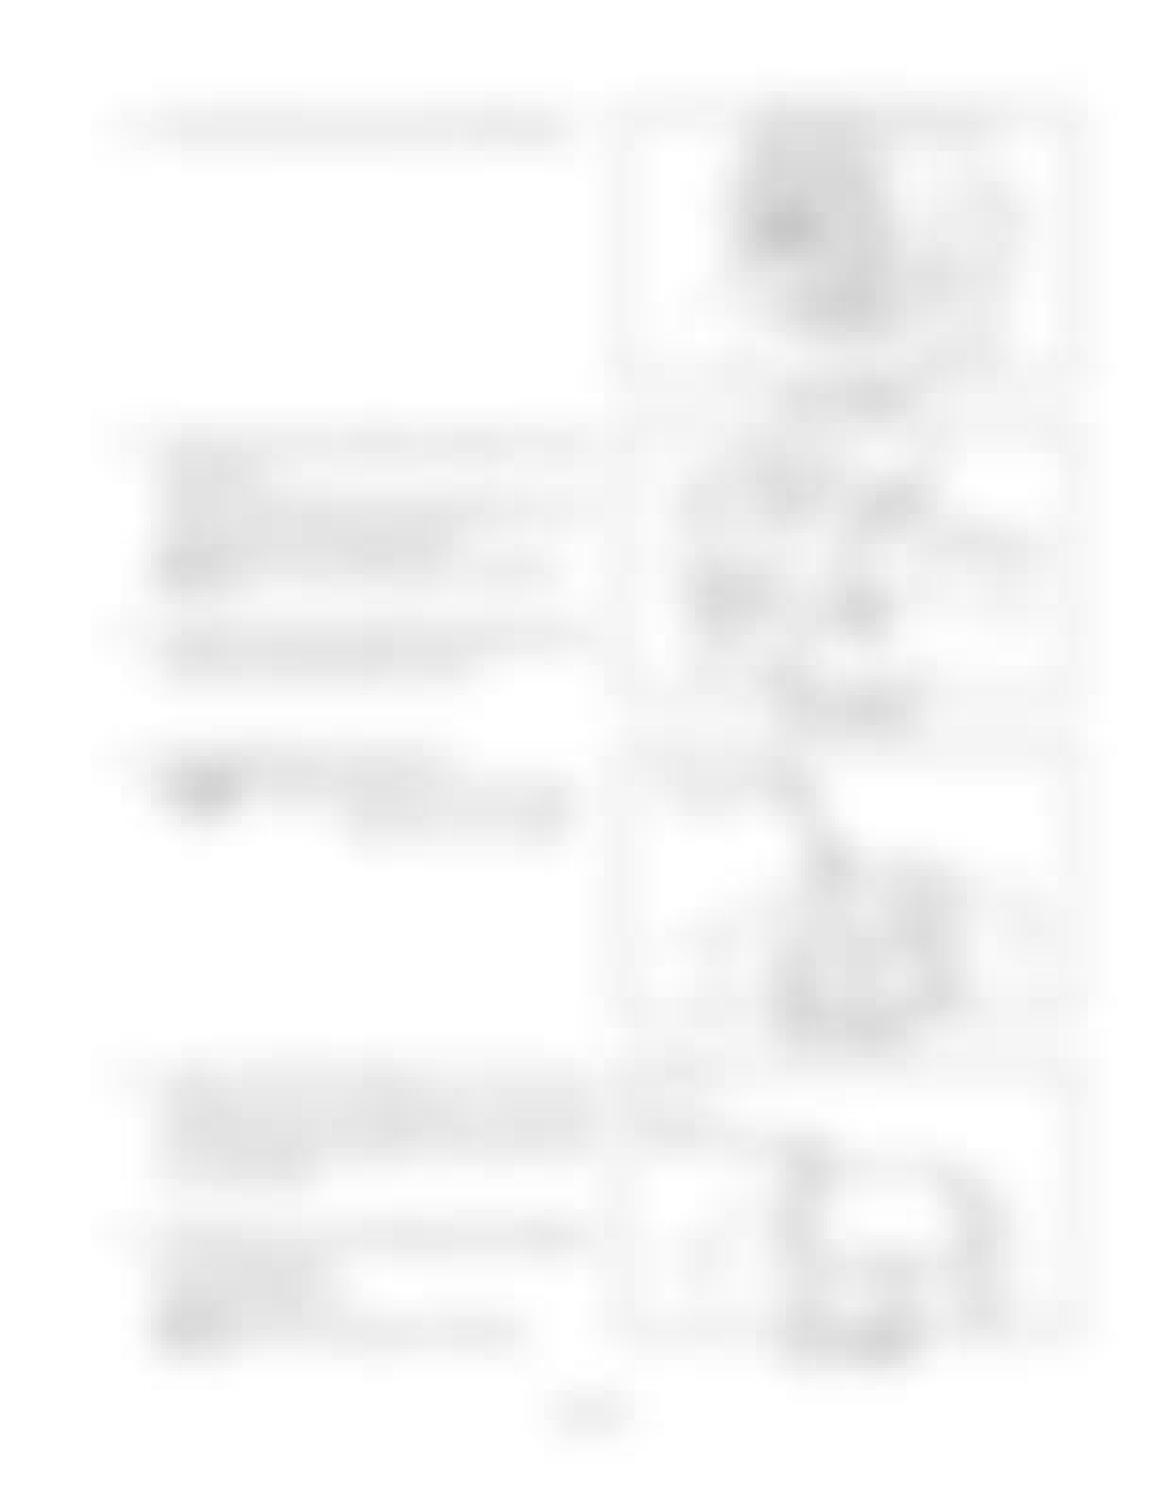 Hitachi LX110-7 LX130-7 LX160-7 LX190-7 LX230-7 Wheel Loader Workshop Manual - PDF DOWNLOAD page 215